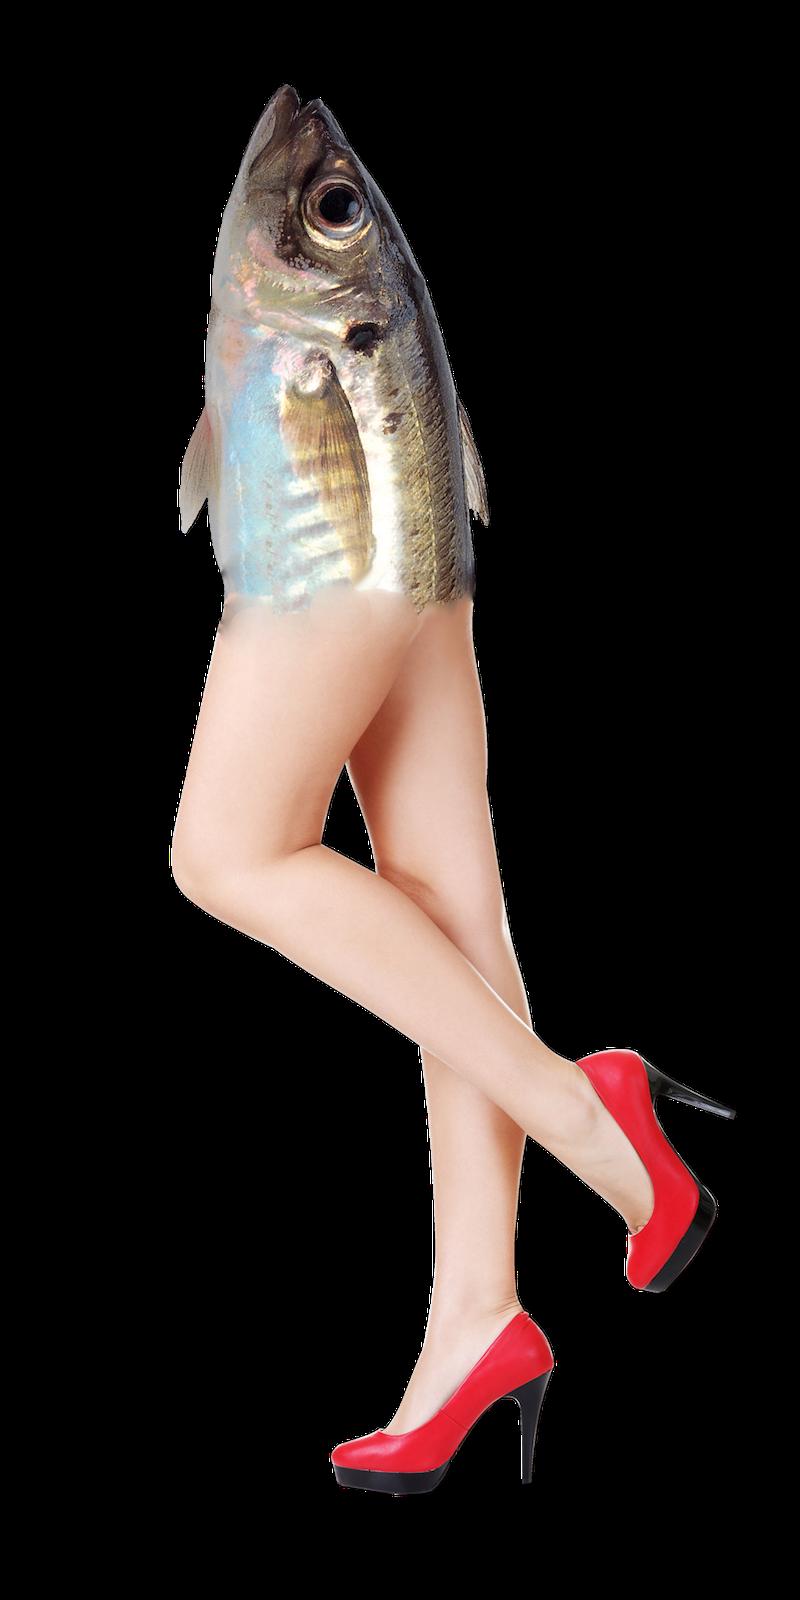 fish_legs